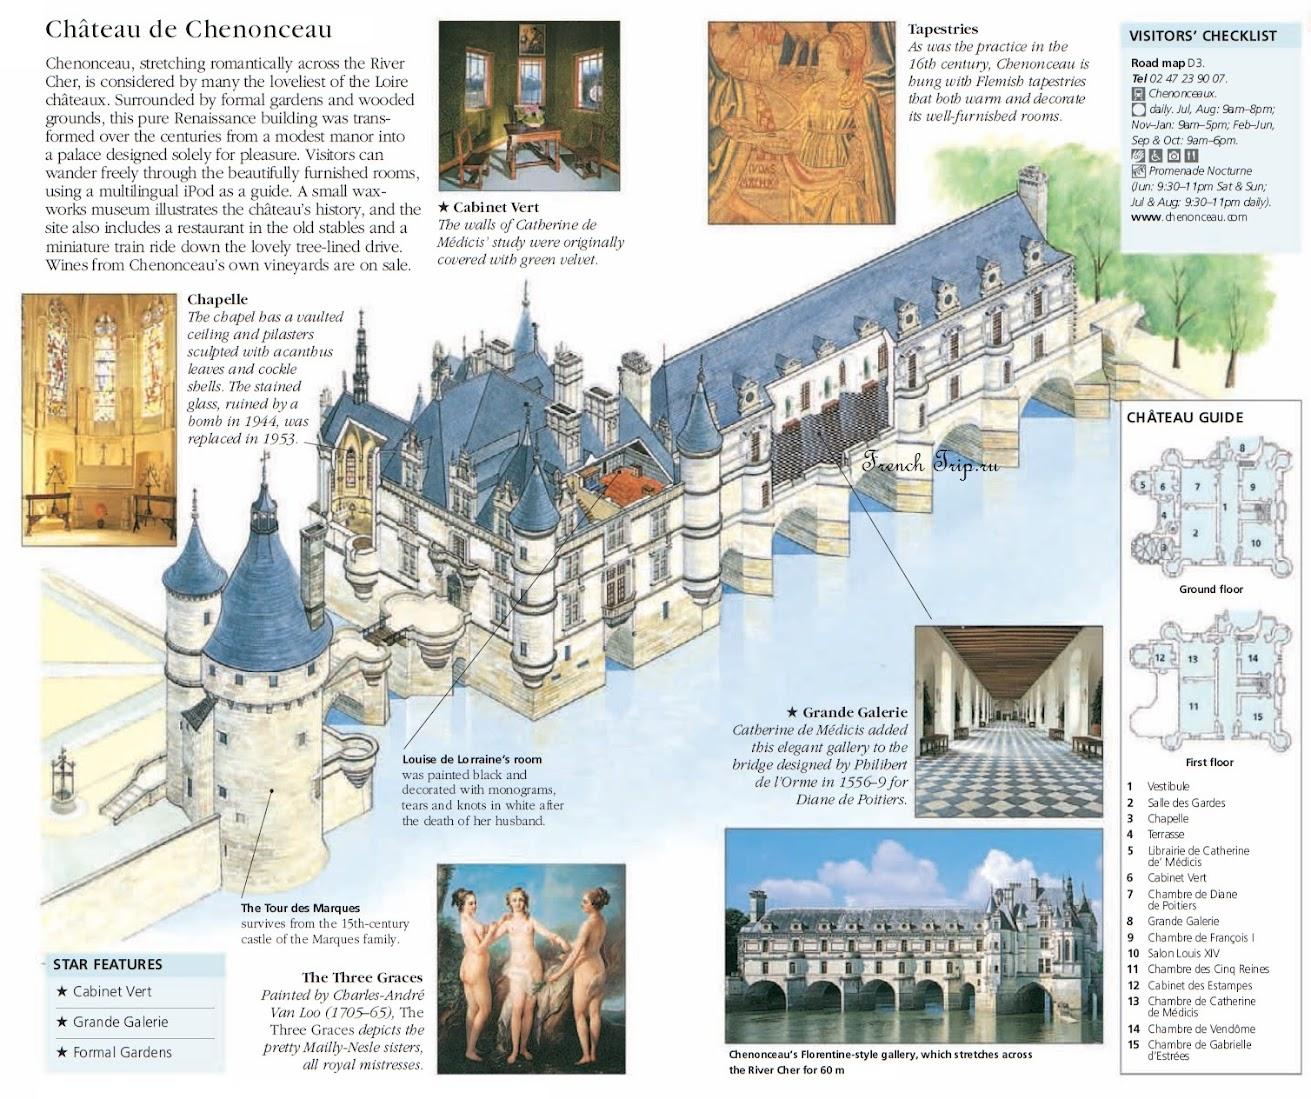 Château de Chenonceau (Замок Шенонсо)